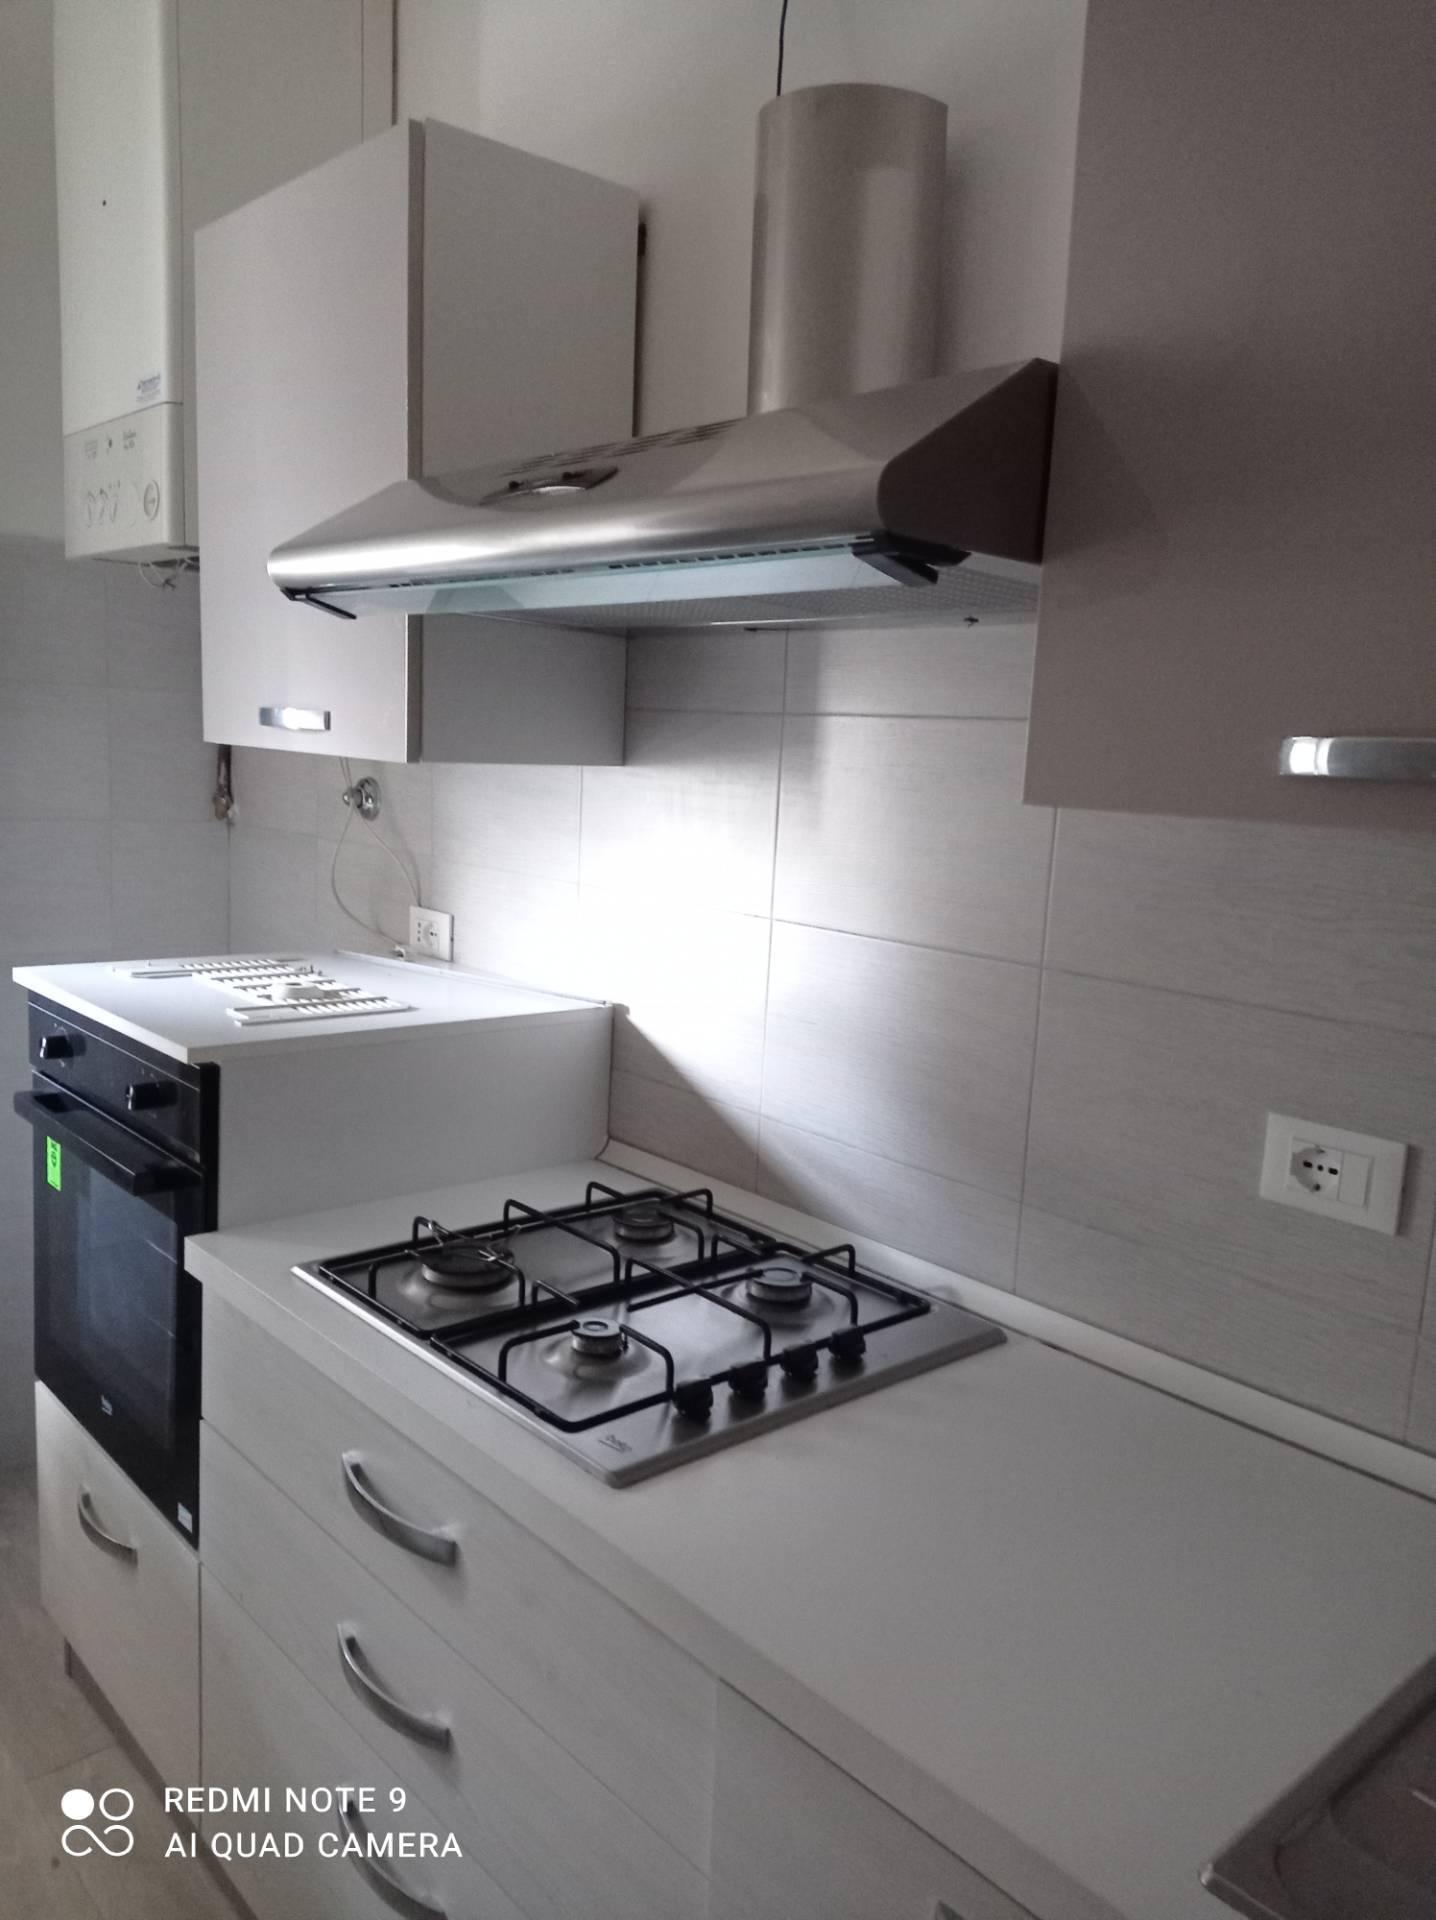 Appartamento in affitto a Bellaria Igea Marina, 5 locali, zona Località: Bellaria-igeaMarina, prezzo € 1.100 | CambioCasa.it